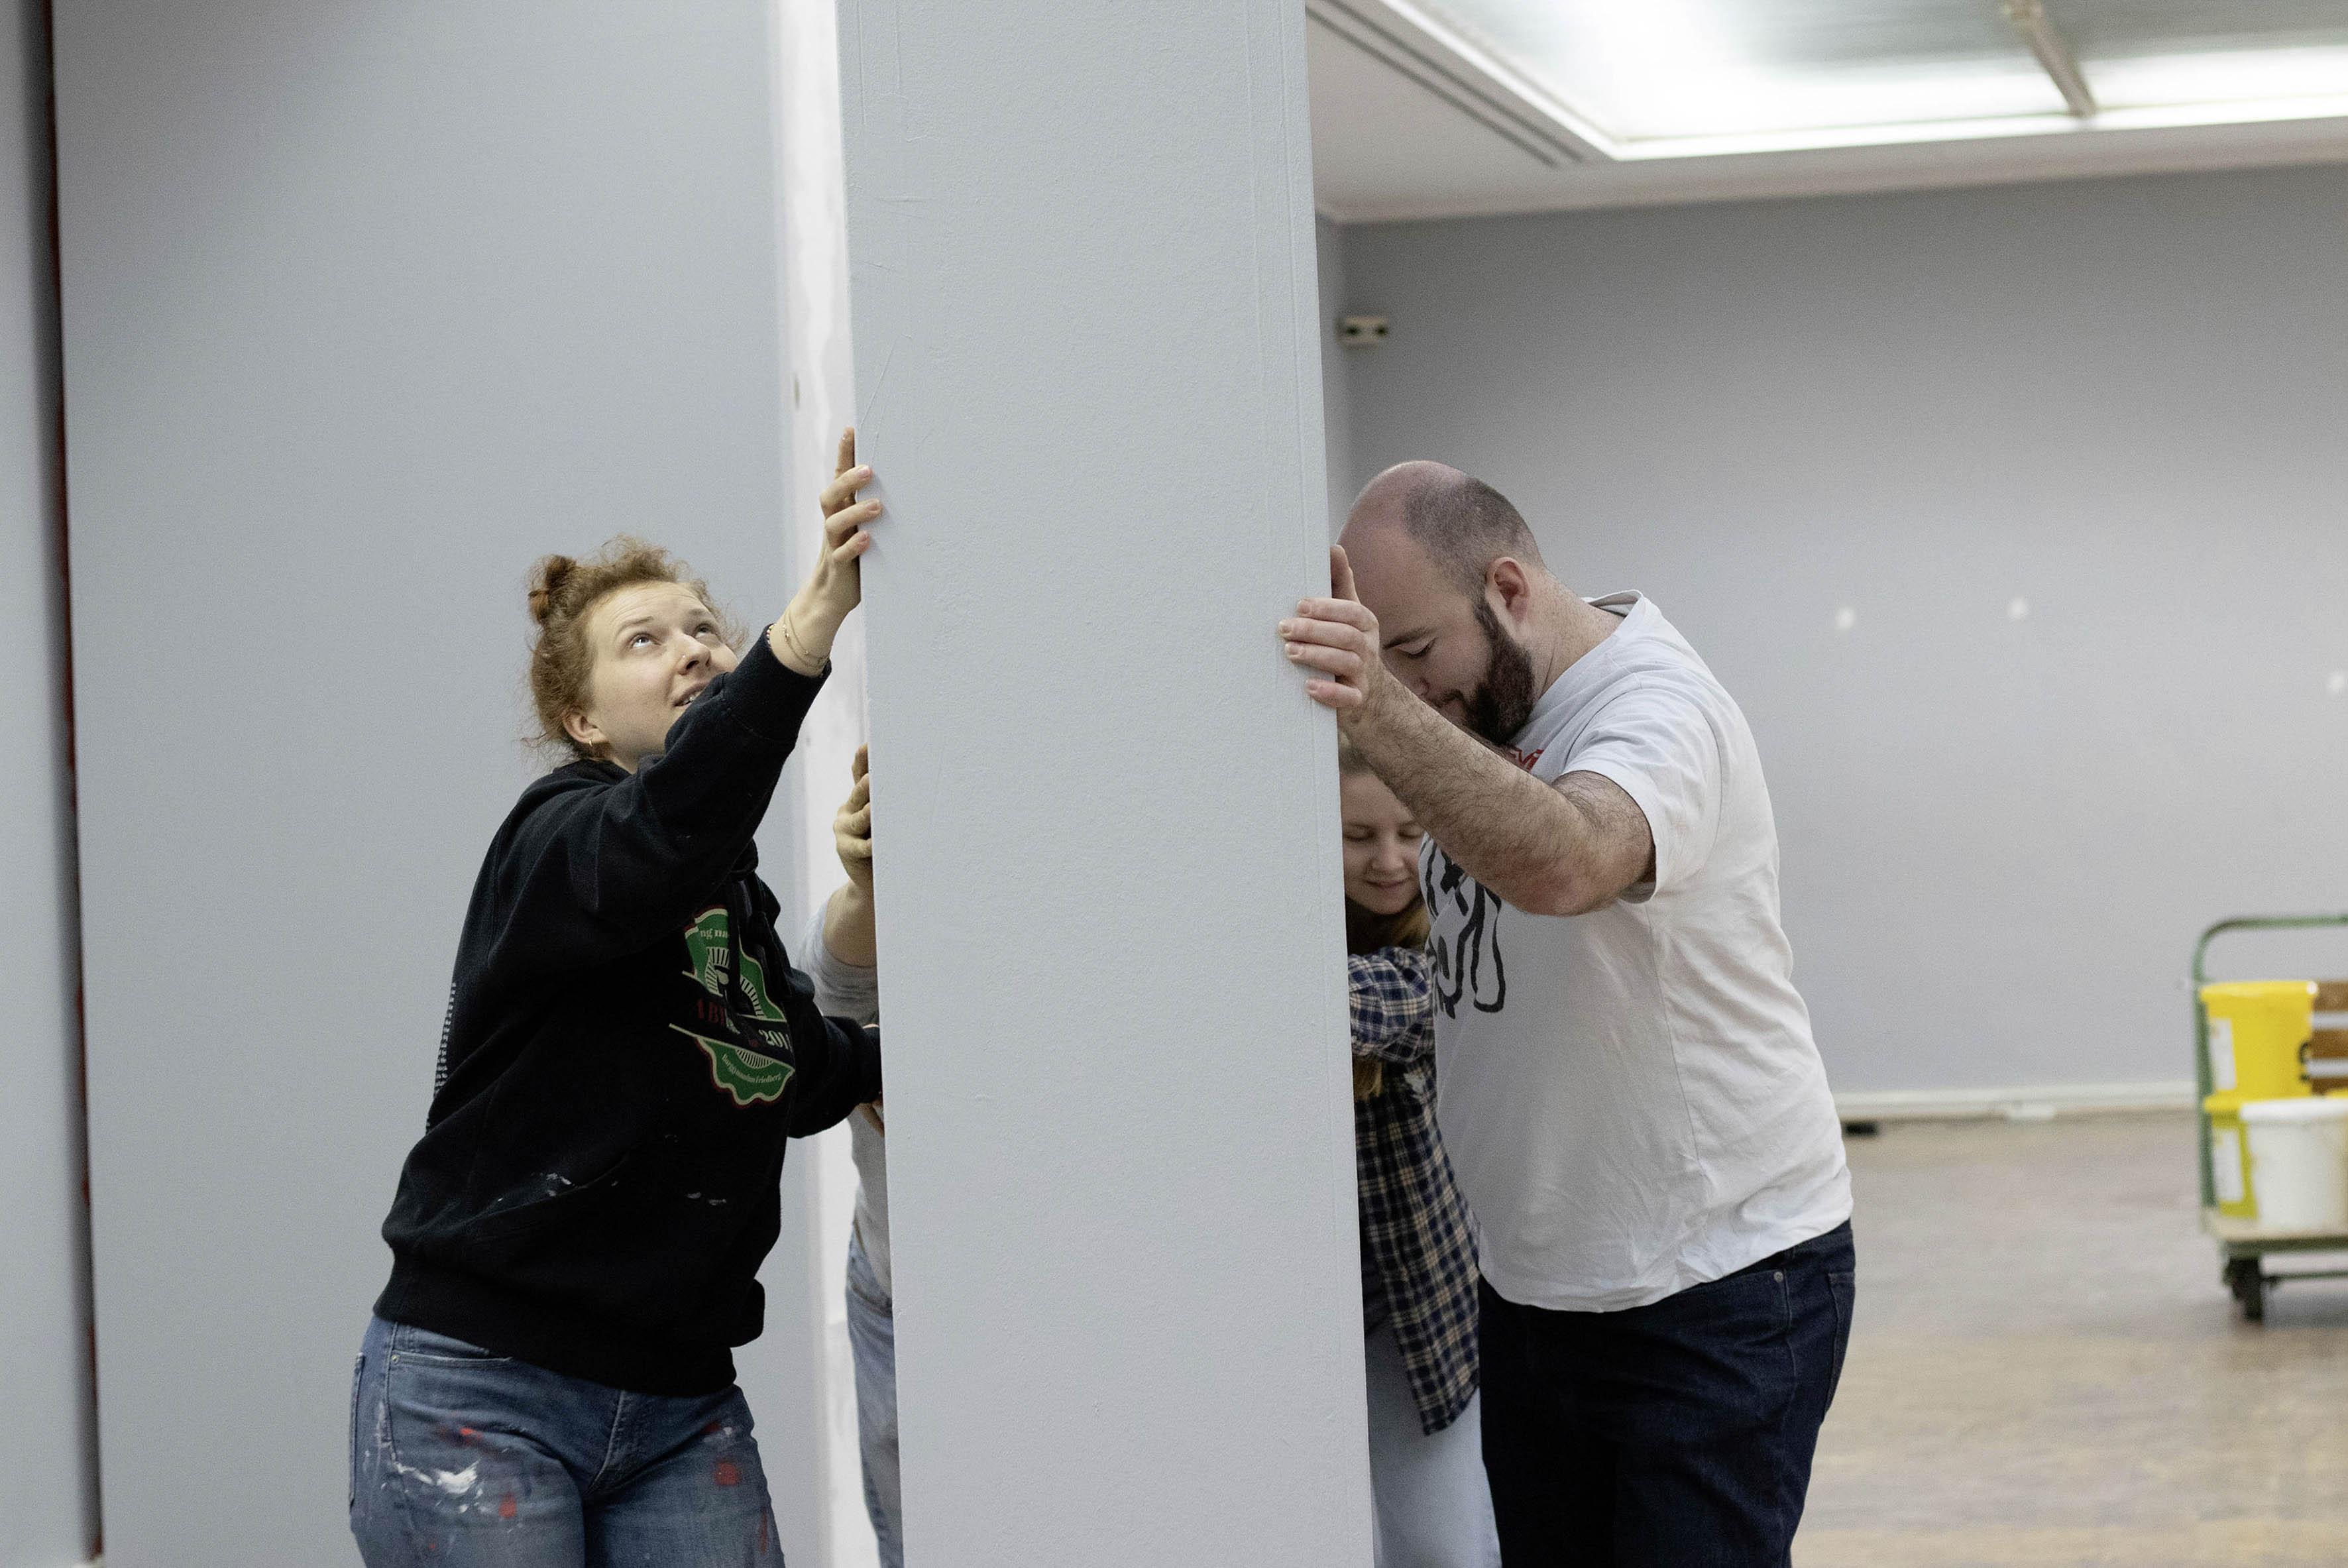 Sara Pretzel Fotografien von Studenten der Designakademie Rostock